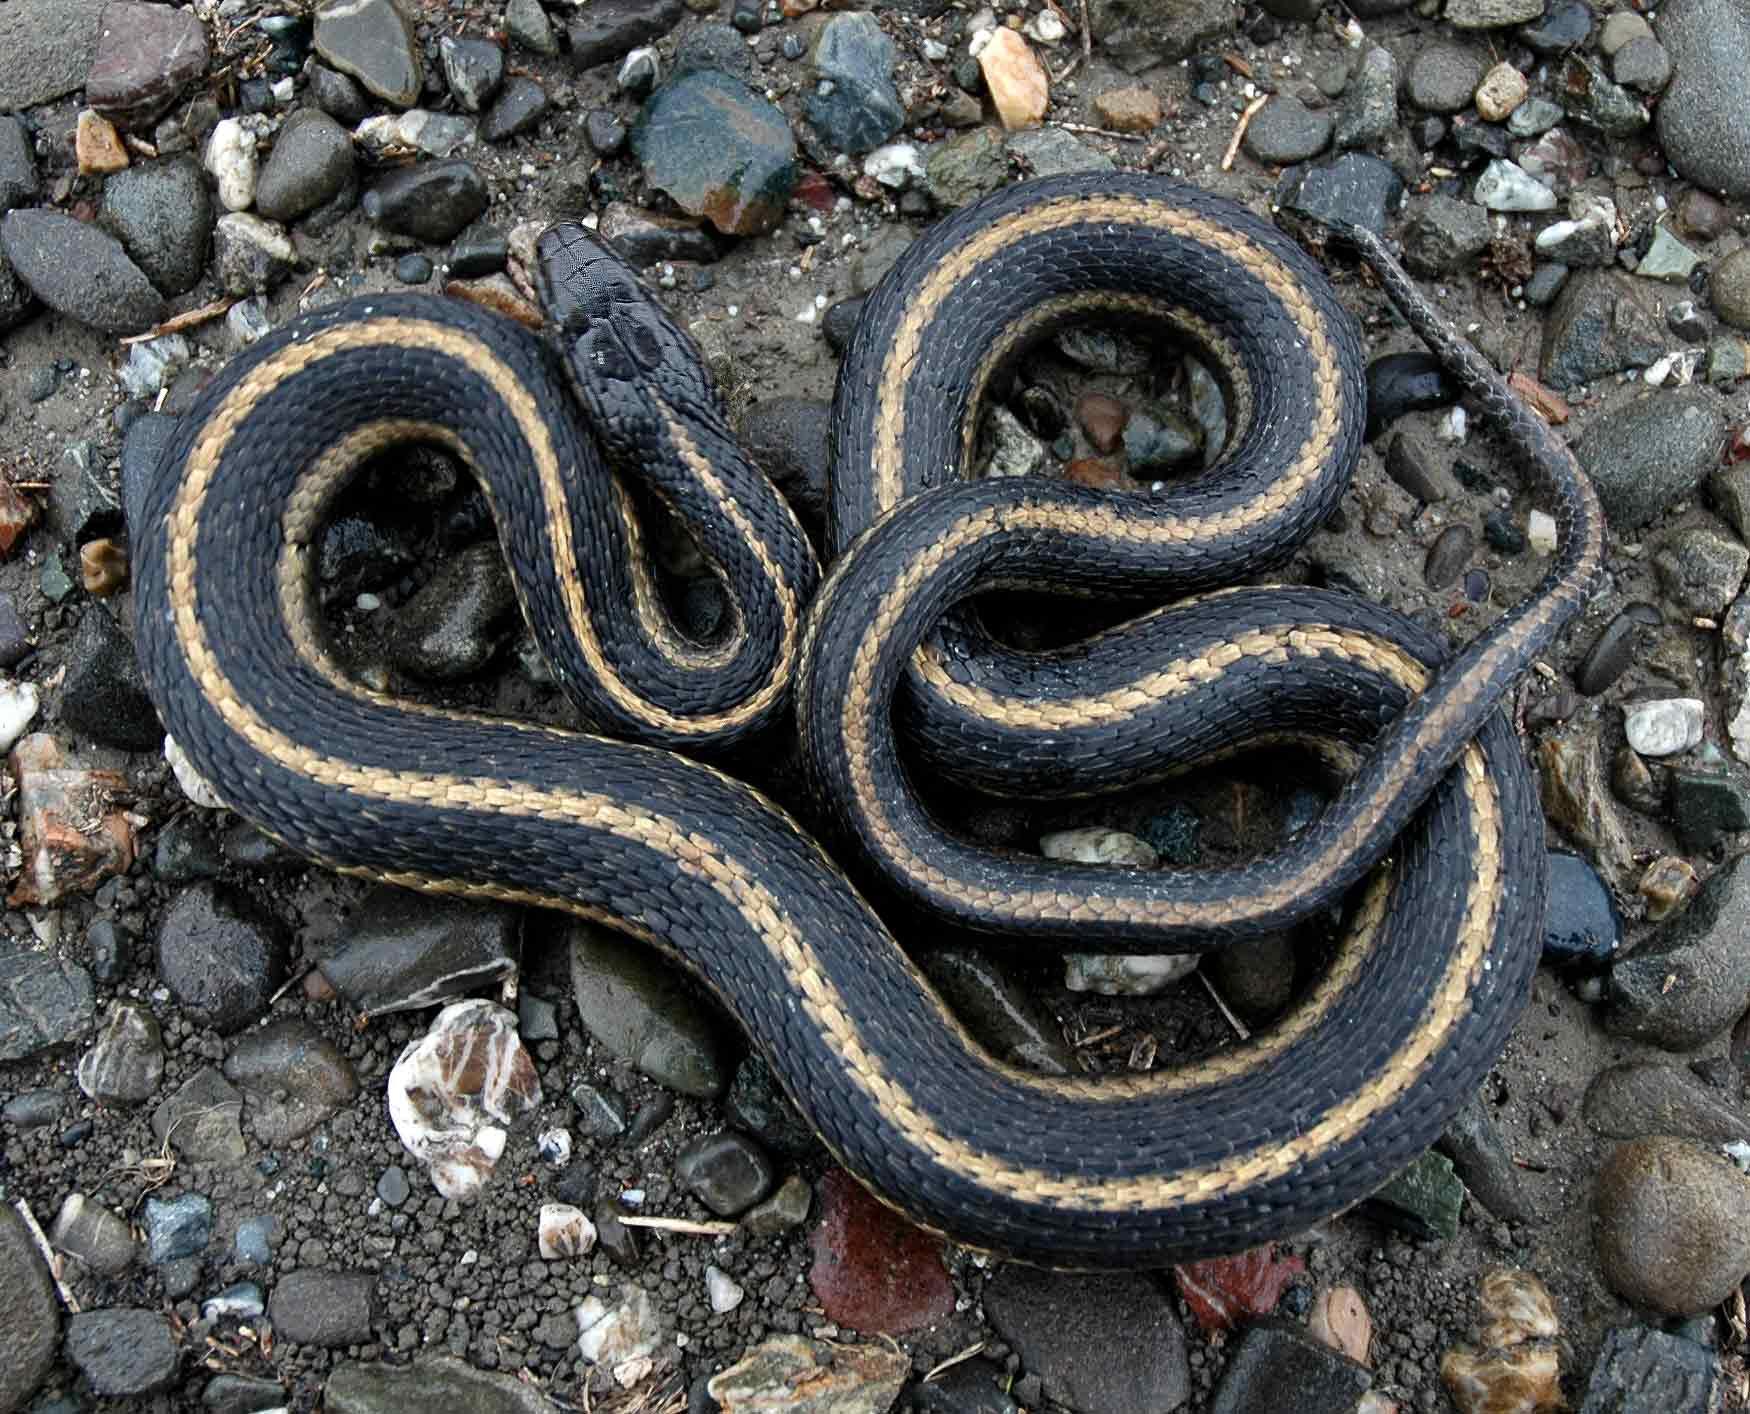 Giant garter snake , Wikipedia